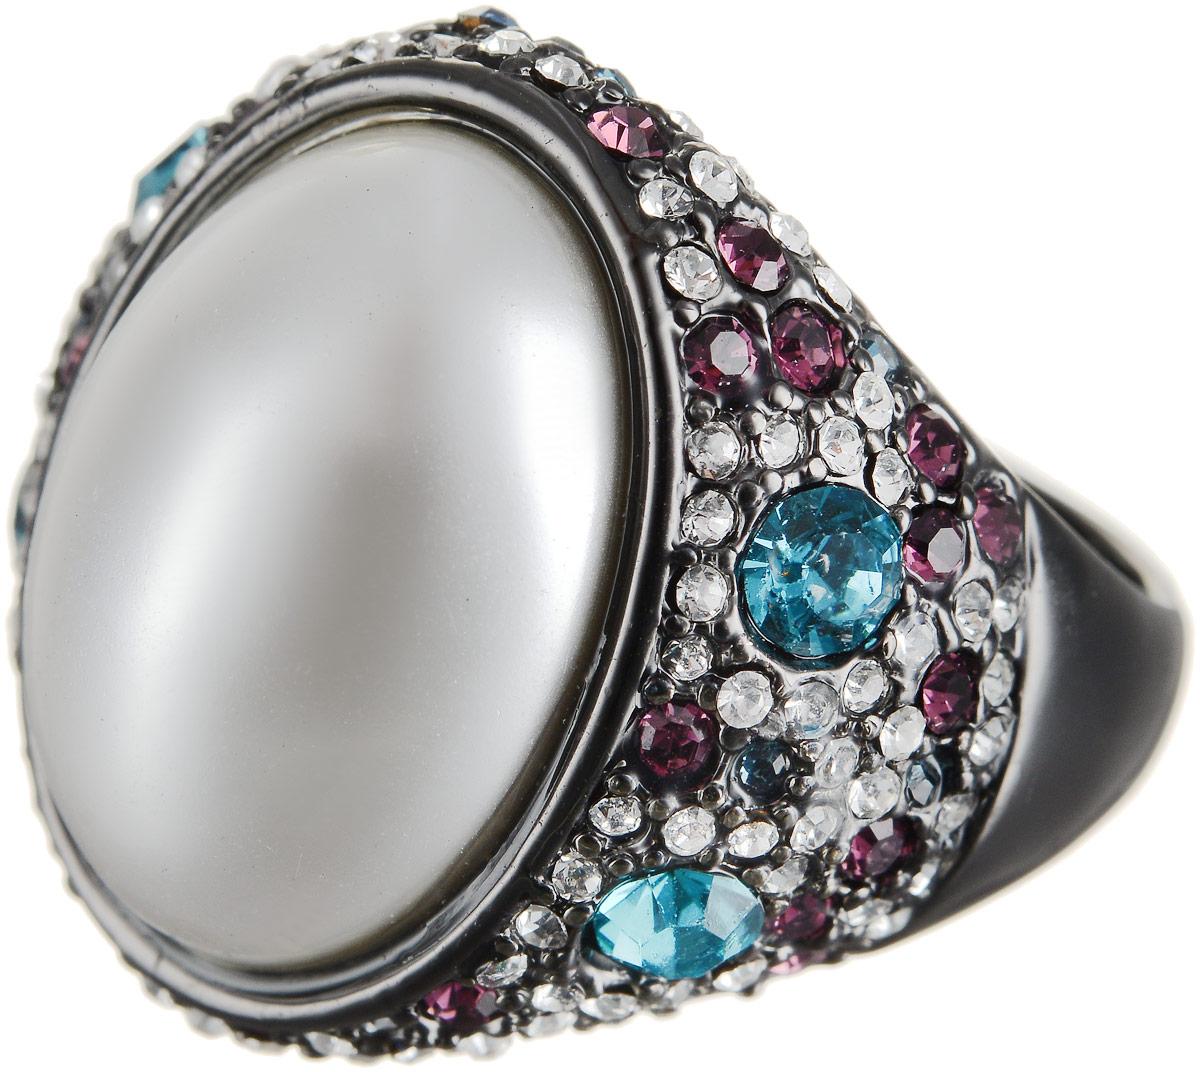 Кольцо Art-Silver, цвет: черный, перламутровый. 066079-601-1202. Размер 16,5 кольцо art silver цвет черный зеленый розовый 810998 802 1114 размер 17